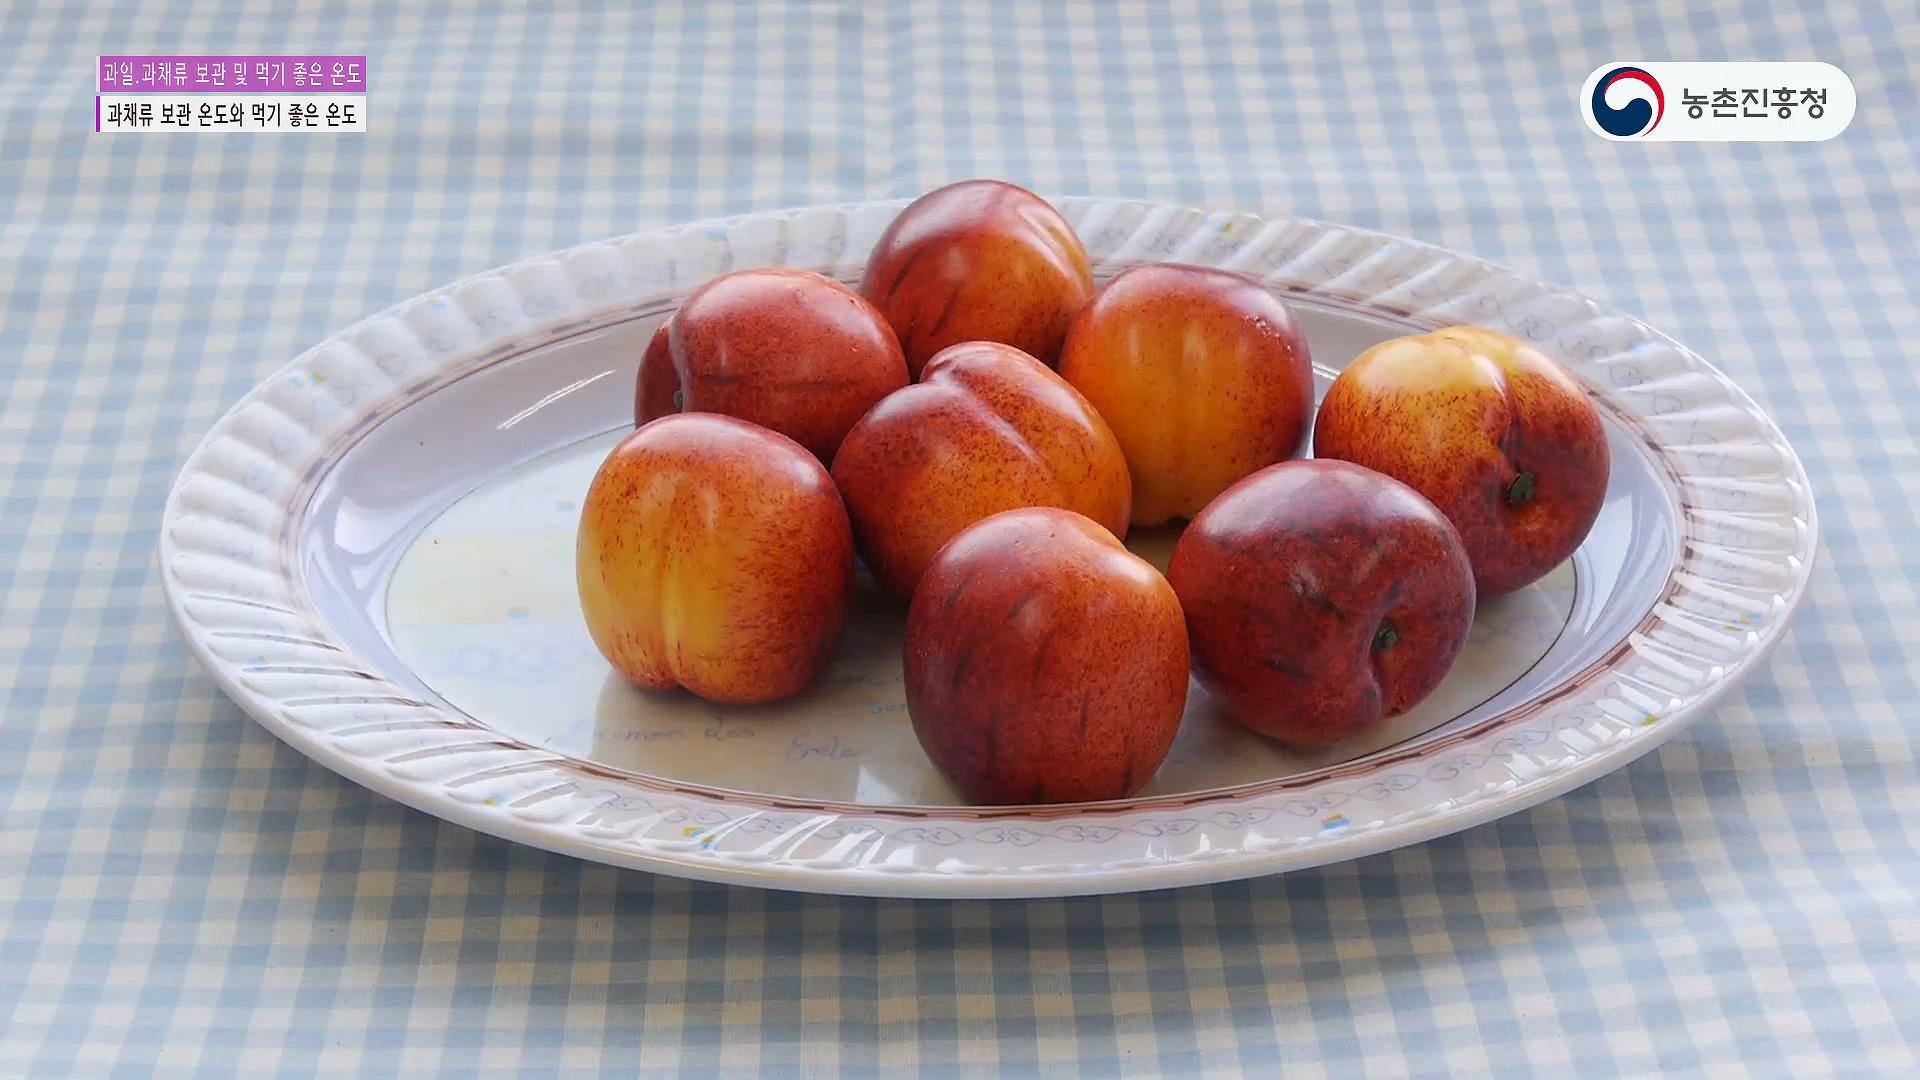 과일.과채류 보관 및 먹기 좋은 온도